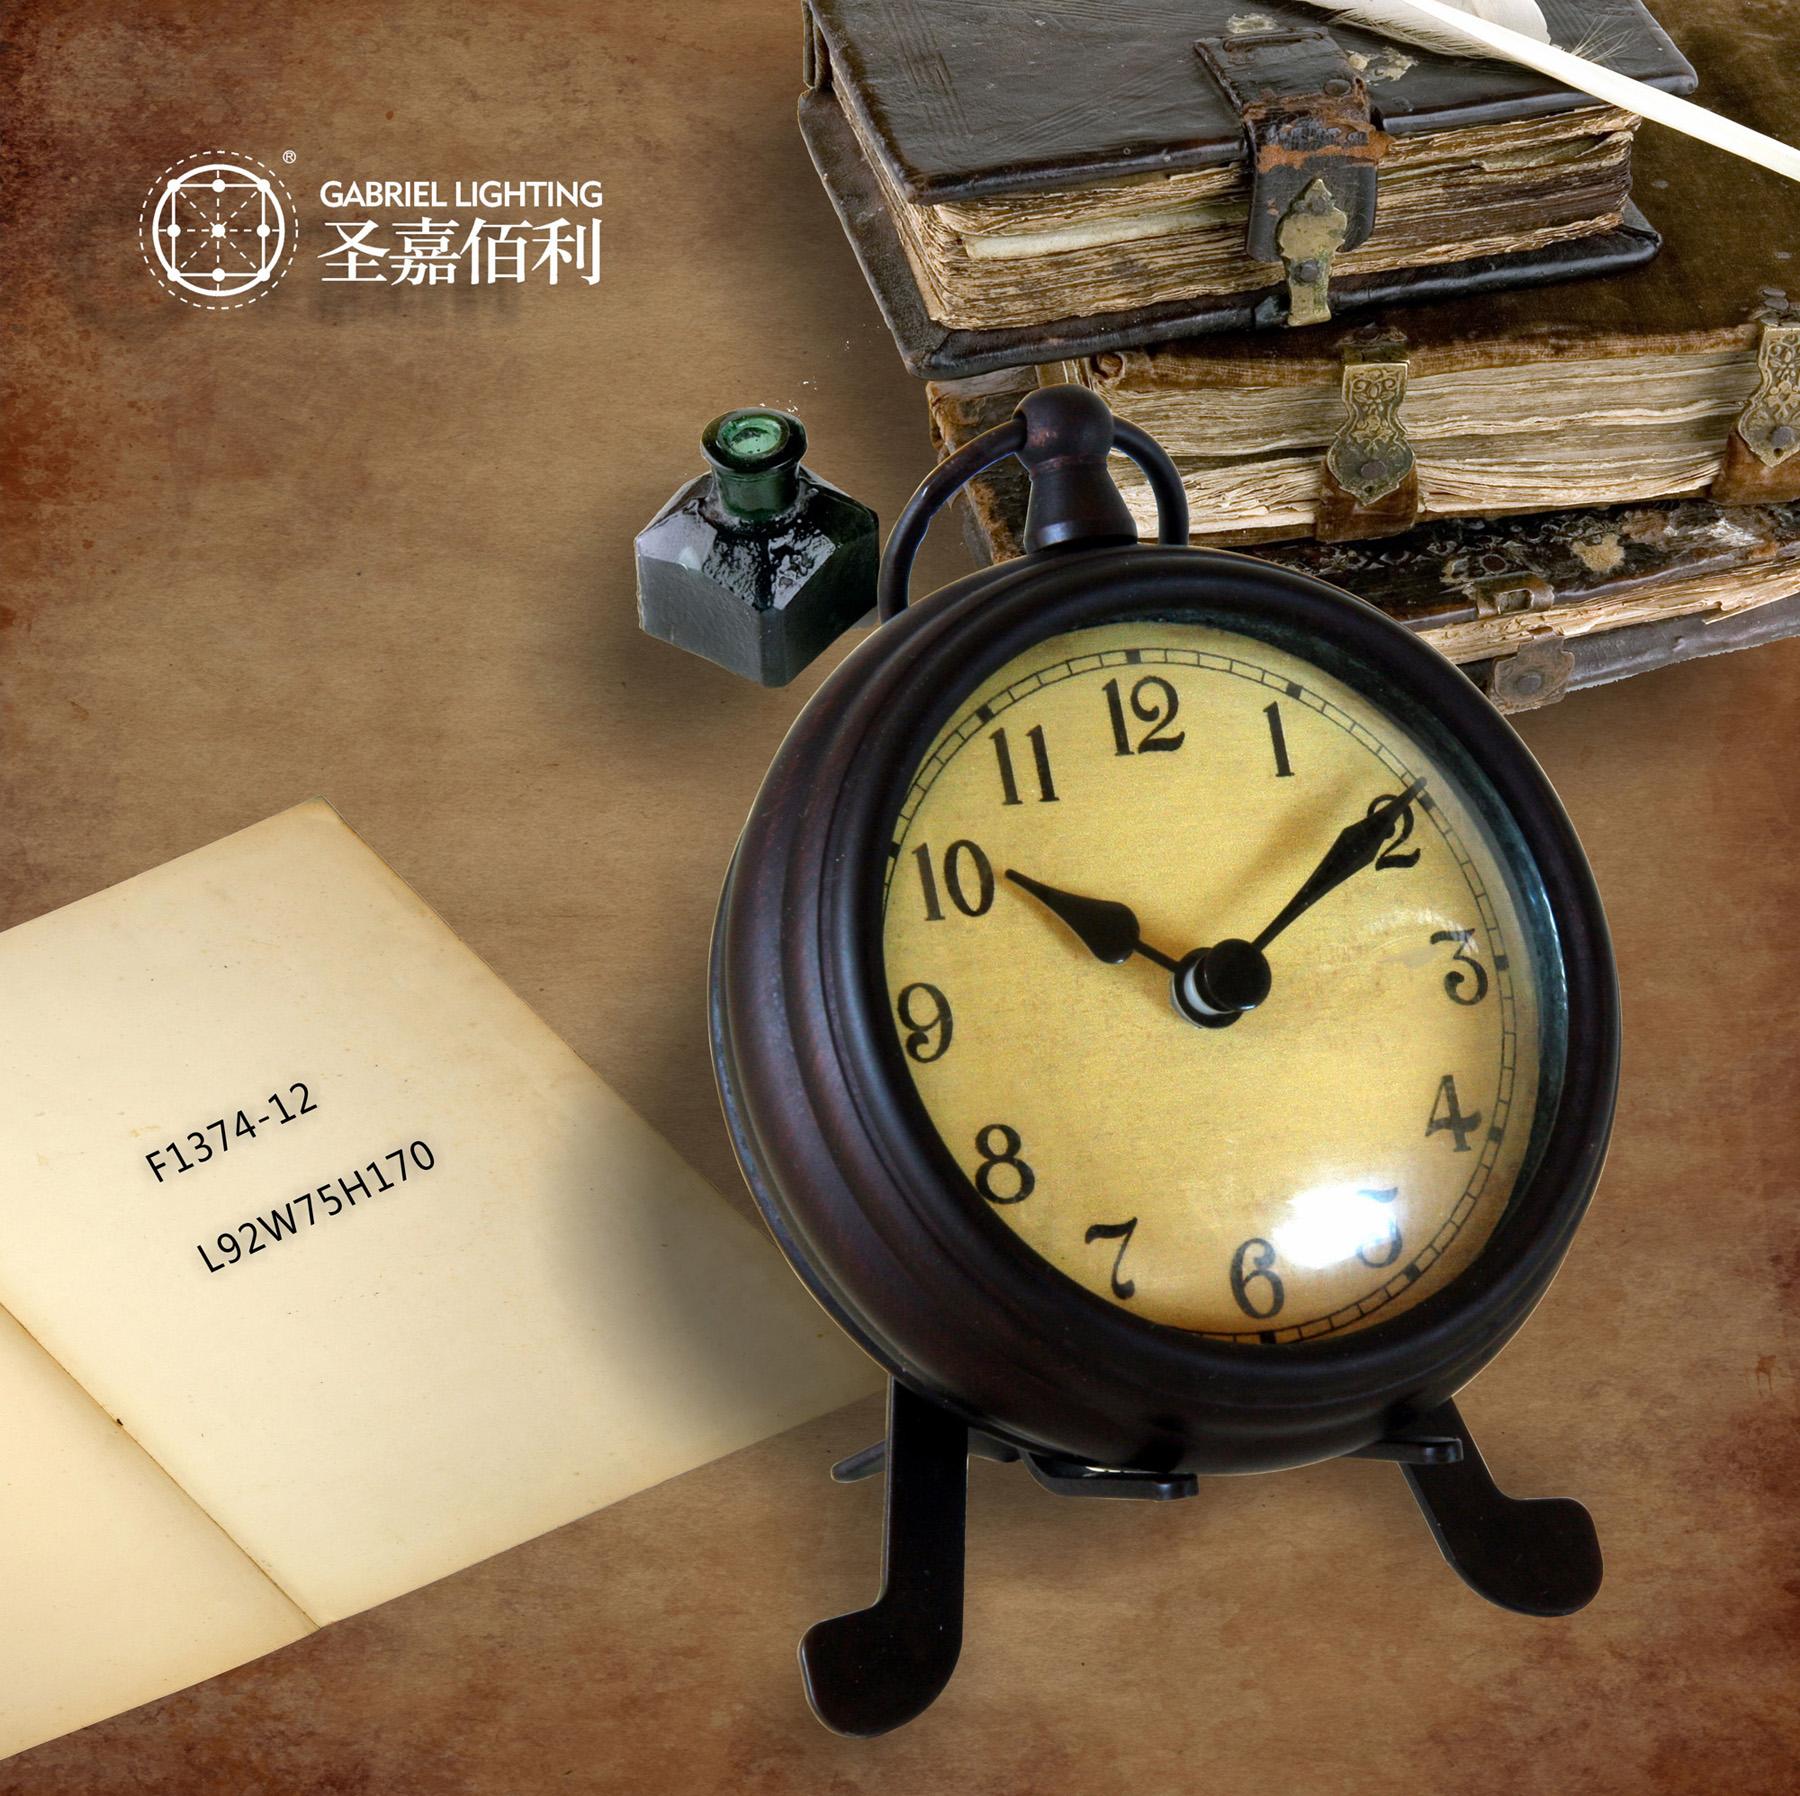 圣嘉佰利之欧式钟表